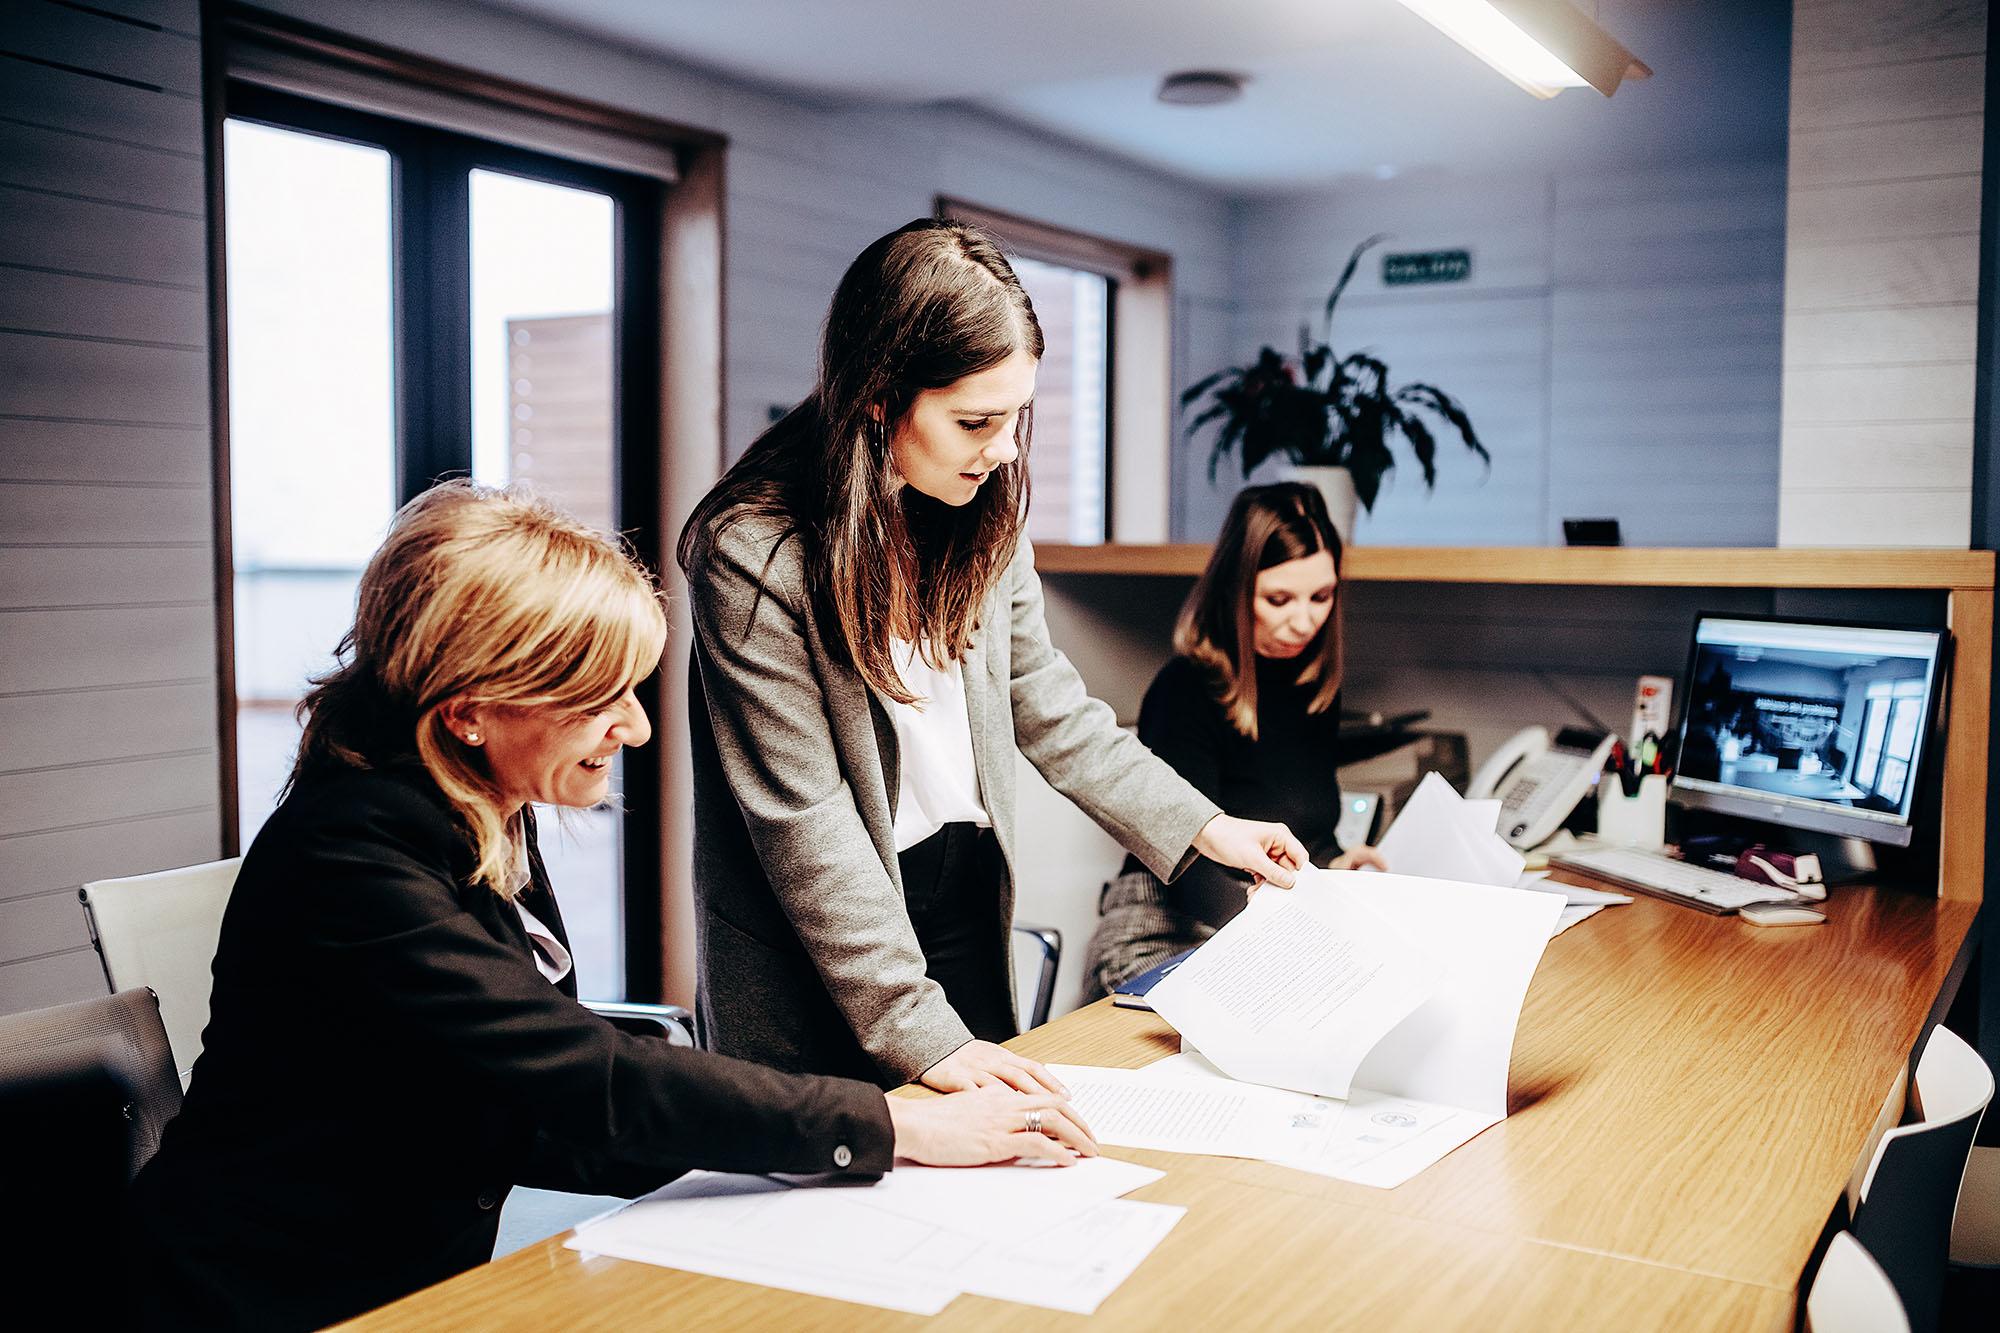 El equipo del despacho de abogados